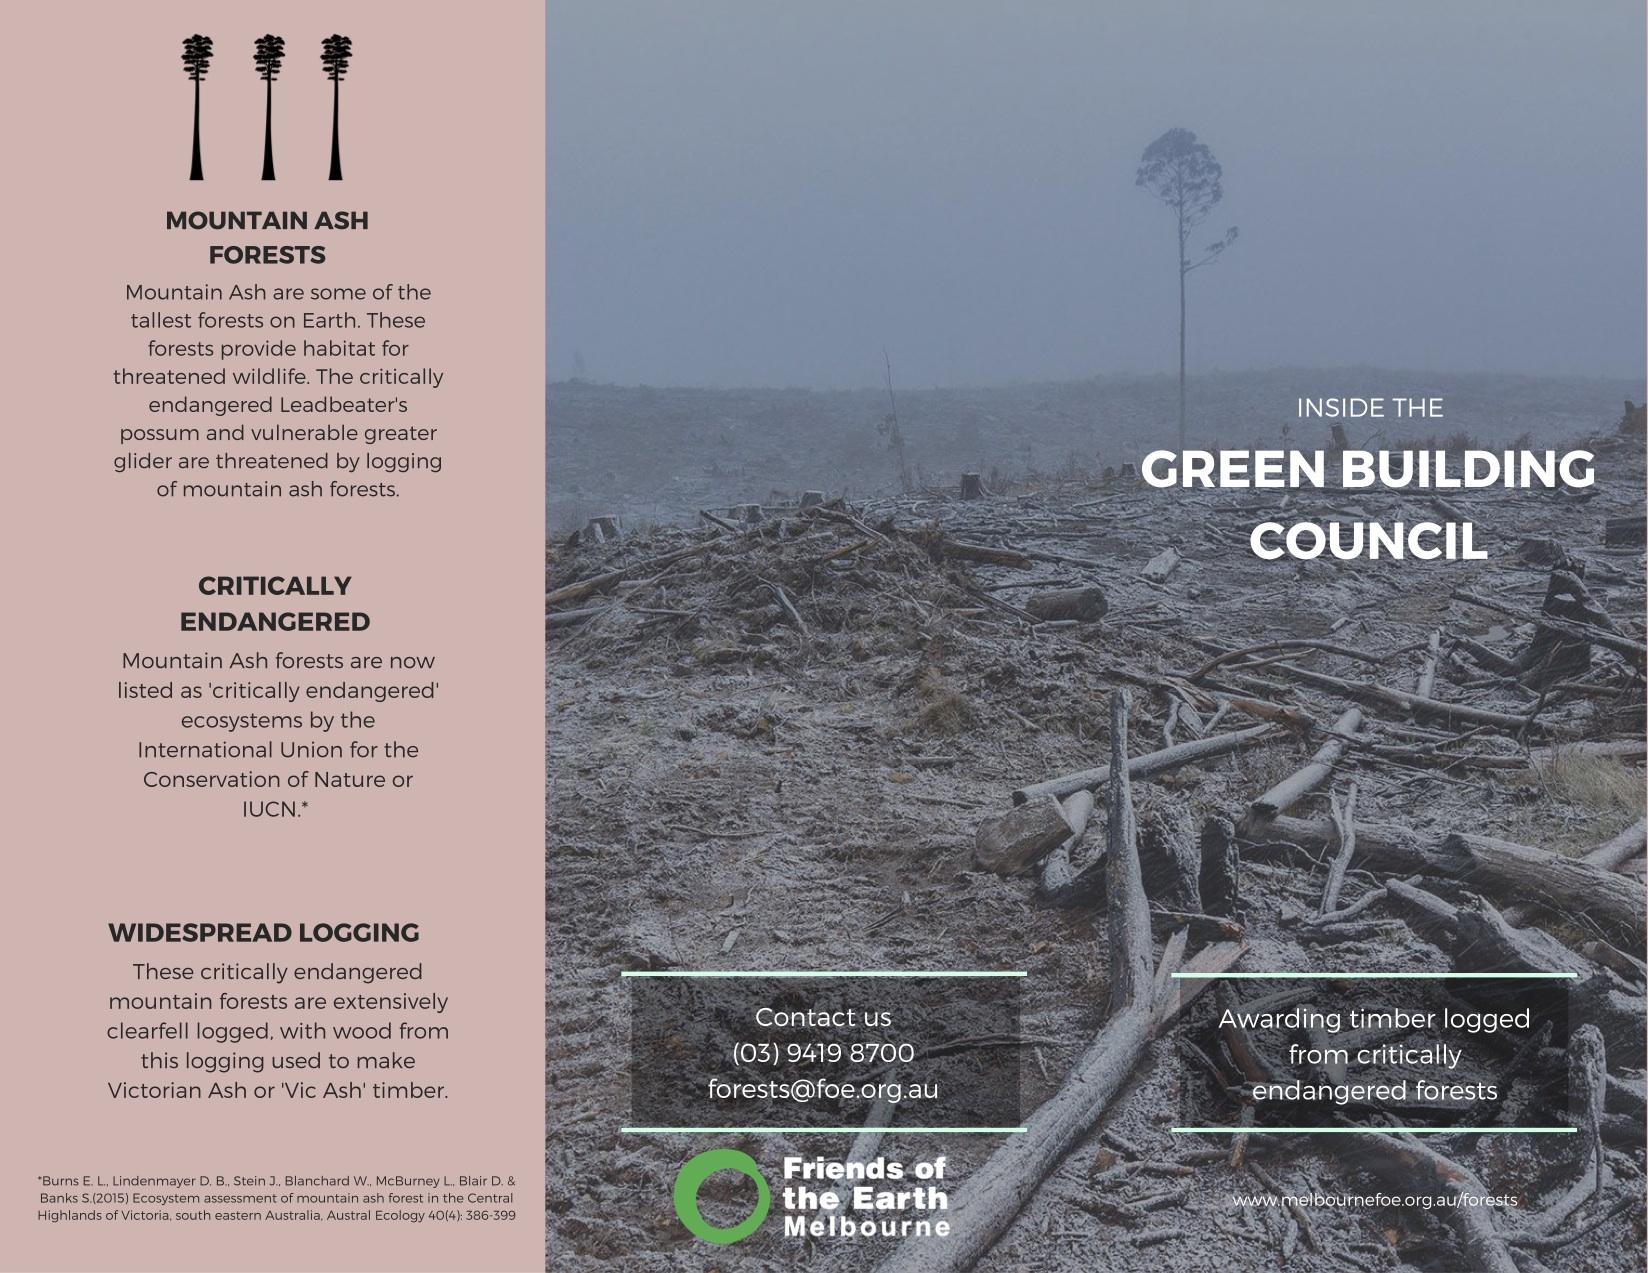 green_buildingcouncil(4).jpg